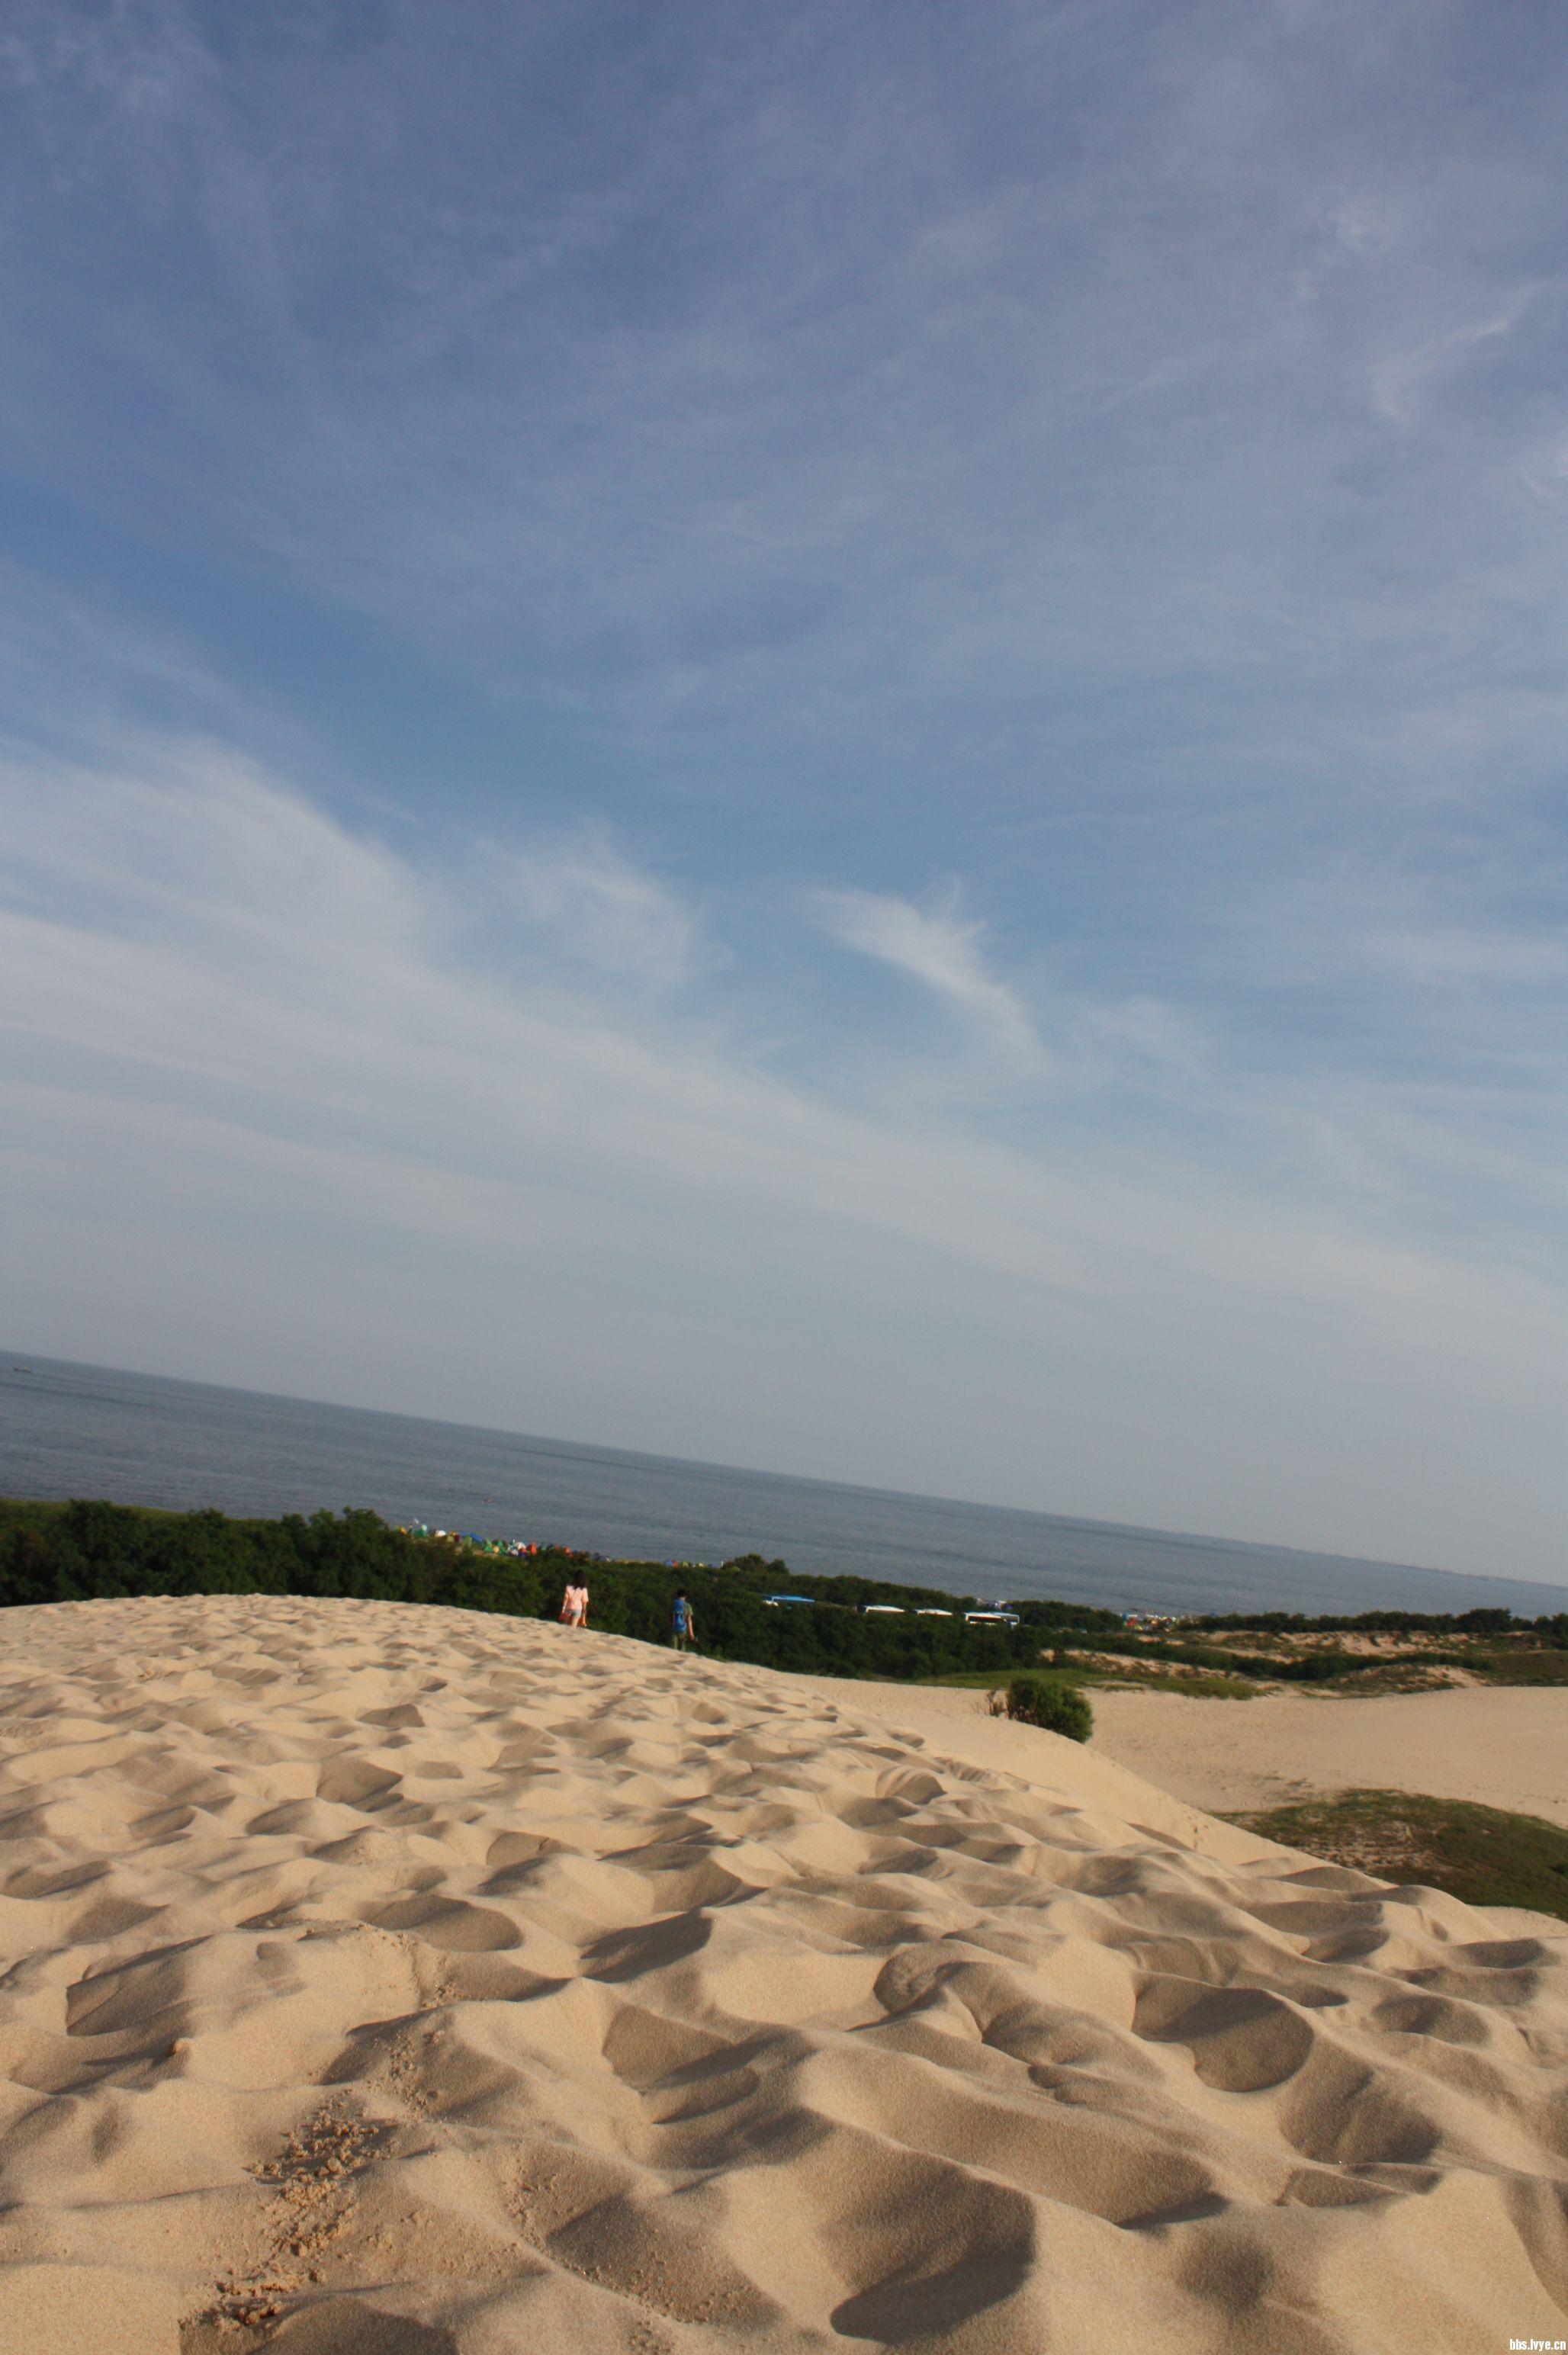 【熊出没&请注意】14-15 阳光沙滩翡翠岛,带你感受经典的海滩之旅